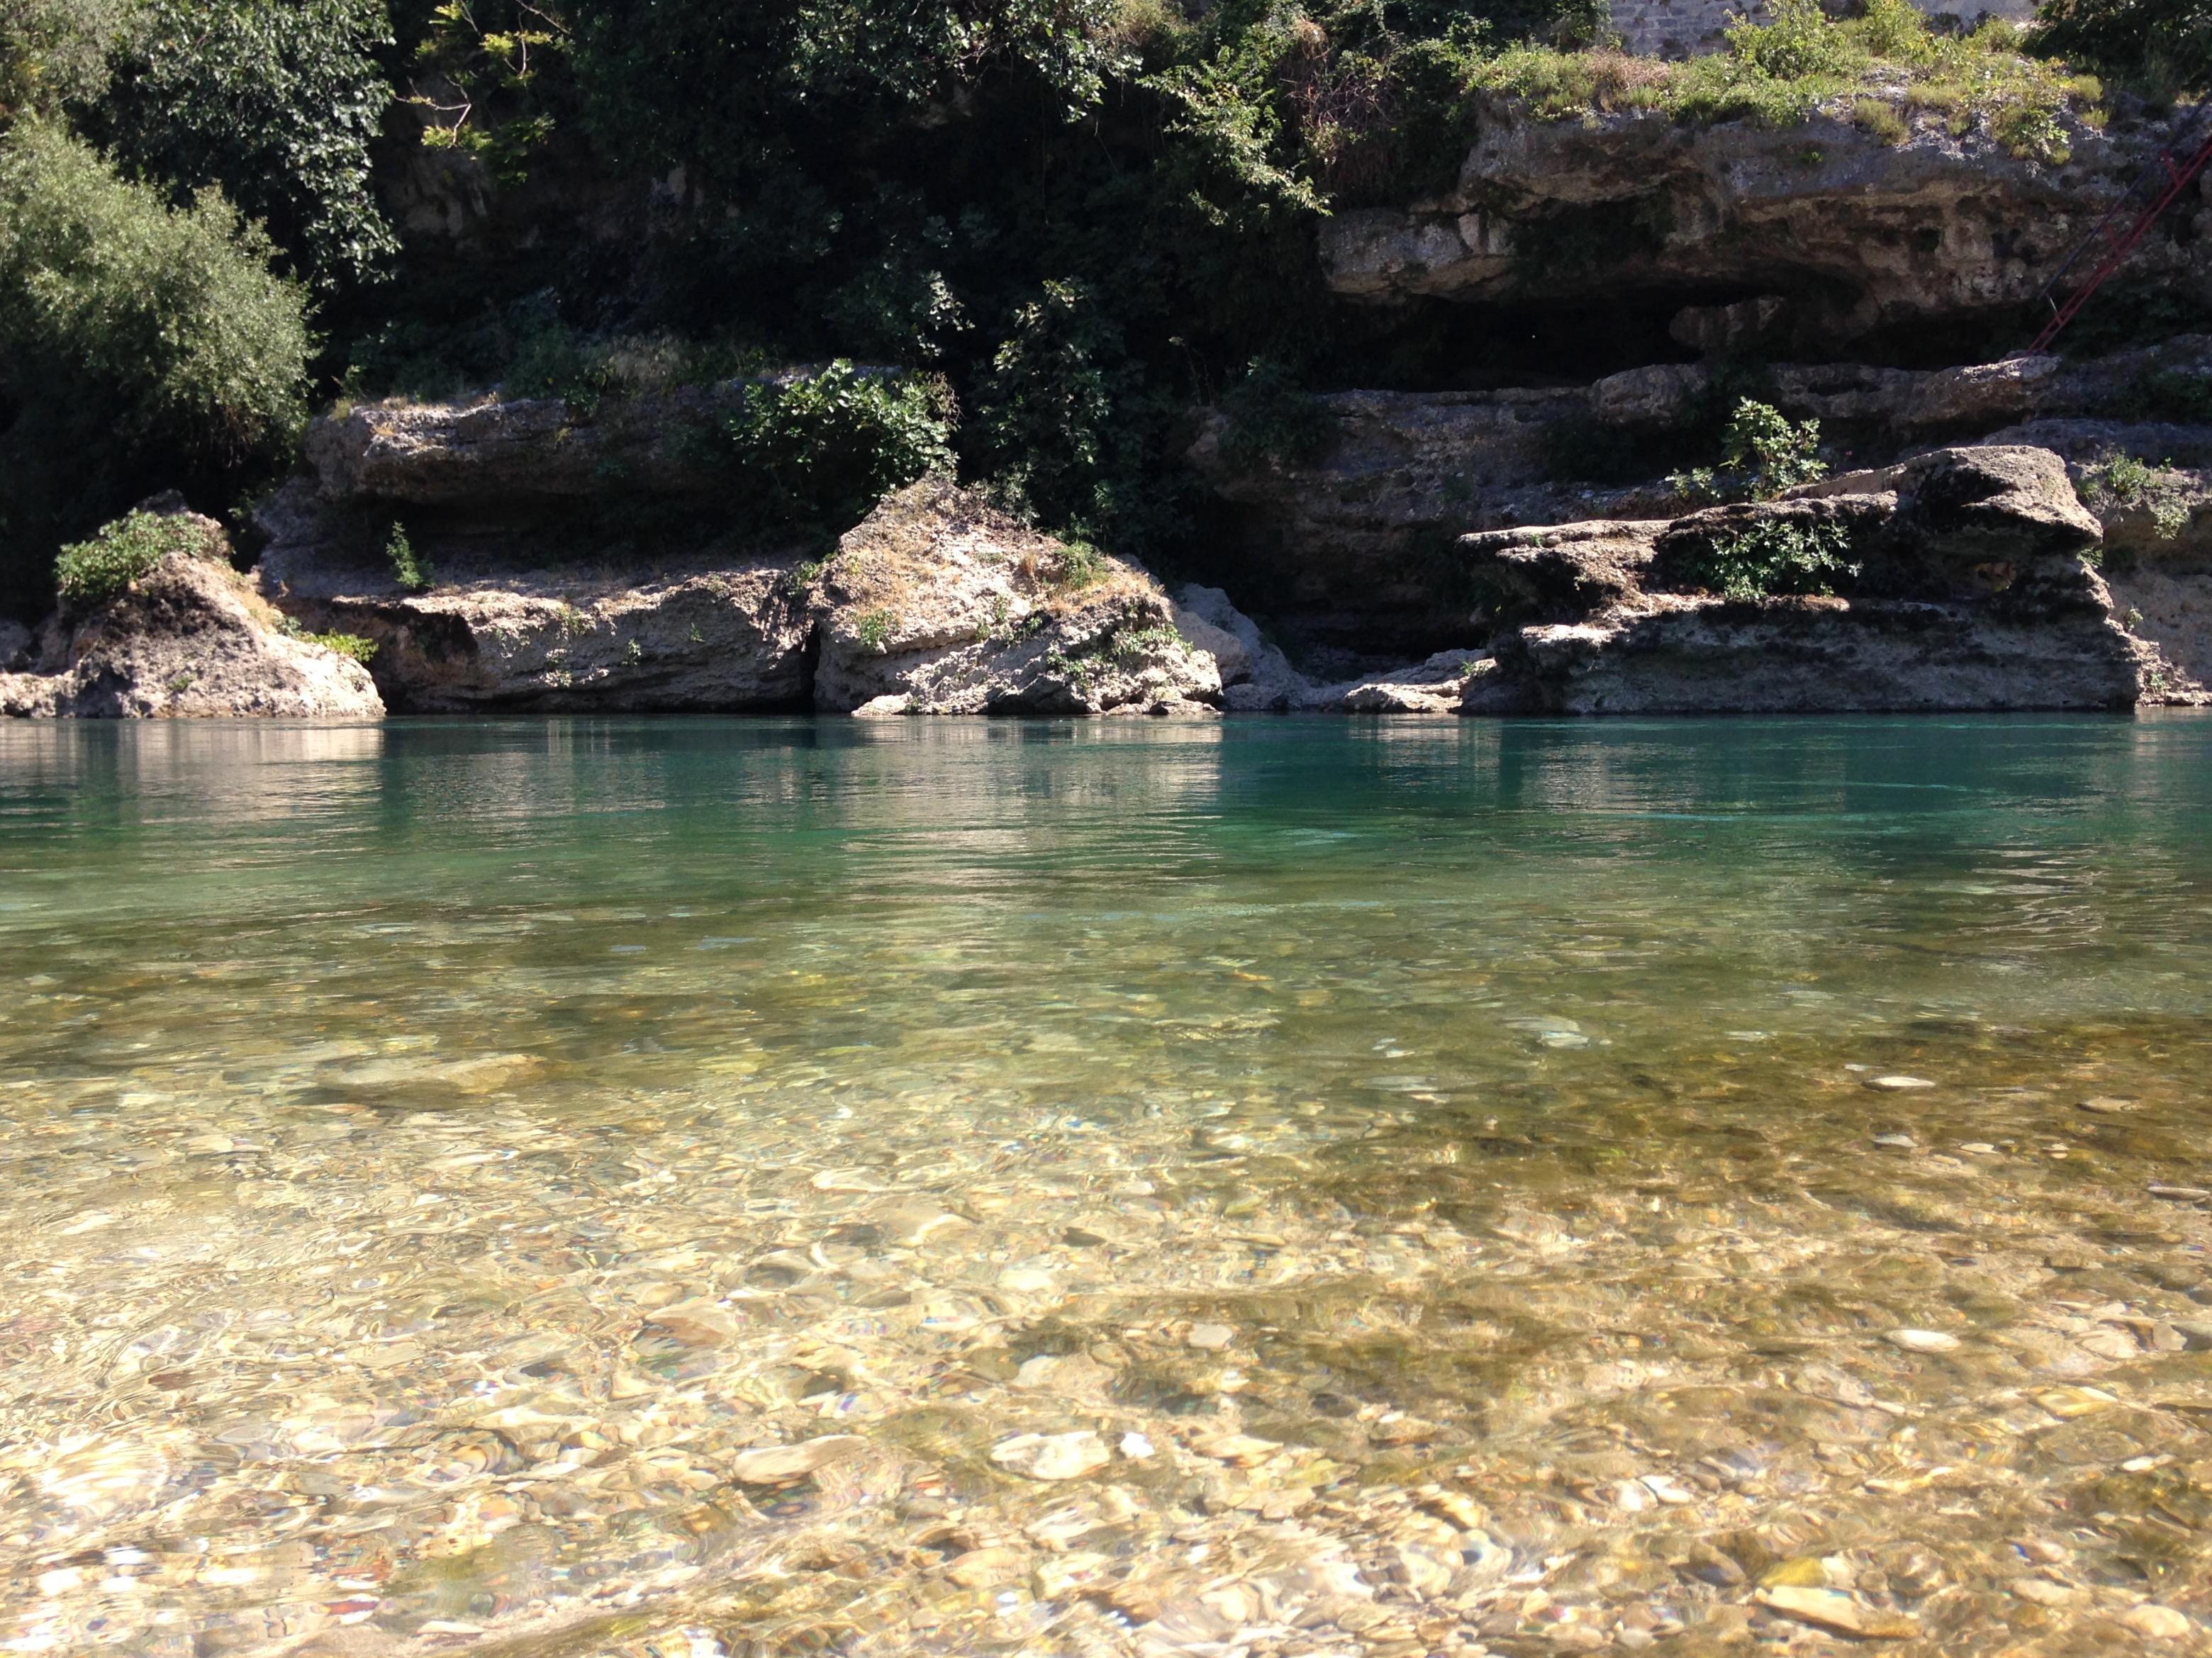 Il bagno nelle acque gelide e trasparenti della Neretva.